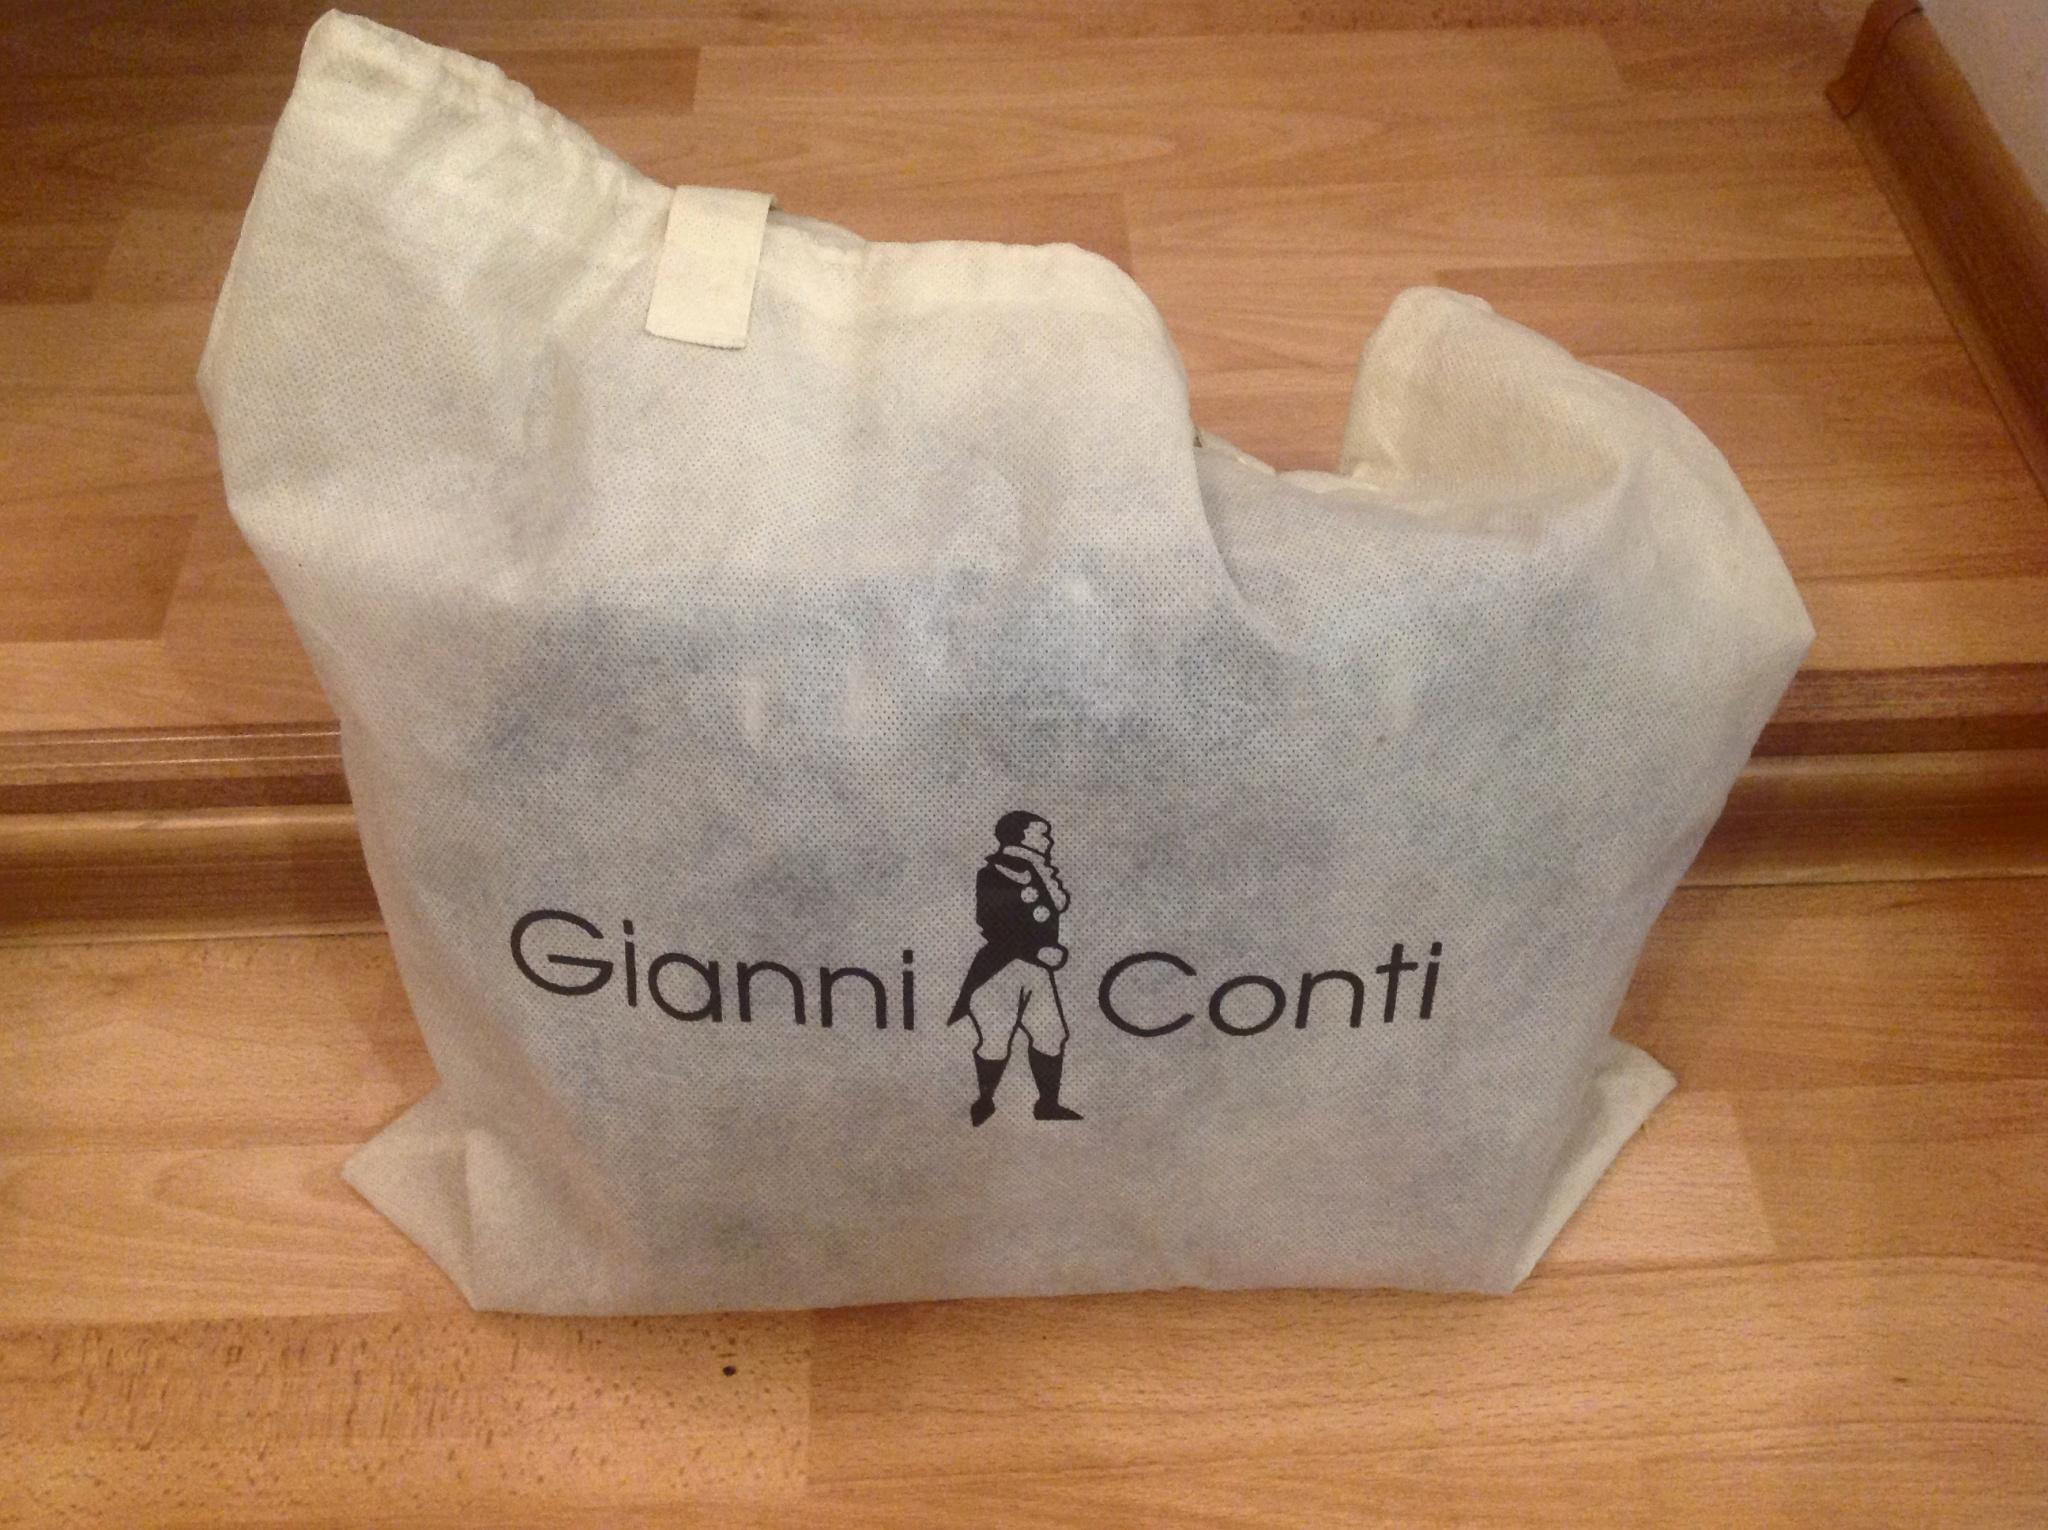 Обзор на Женская сумка Gianni Conti 2153206 blue, темно-синий - изображение  3 557d9a43968